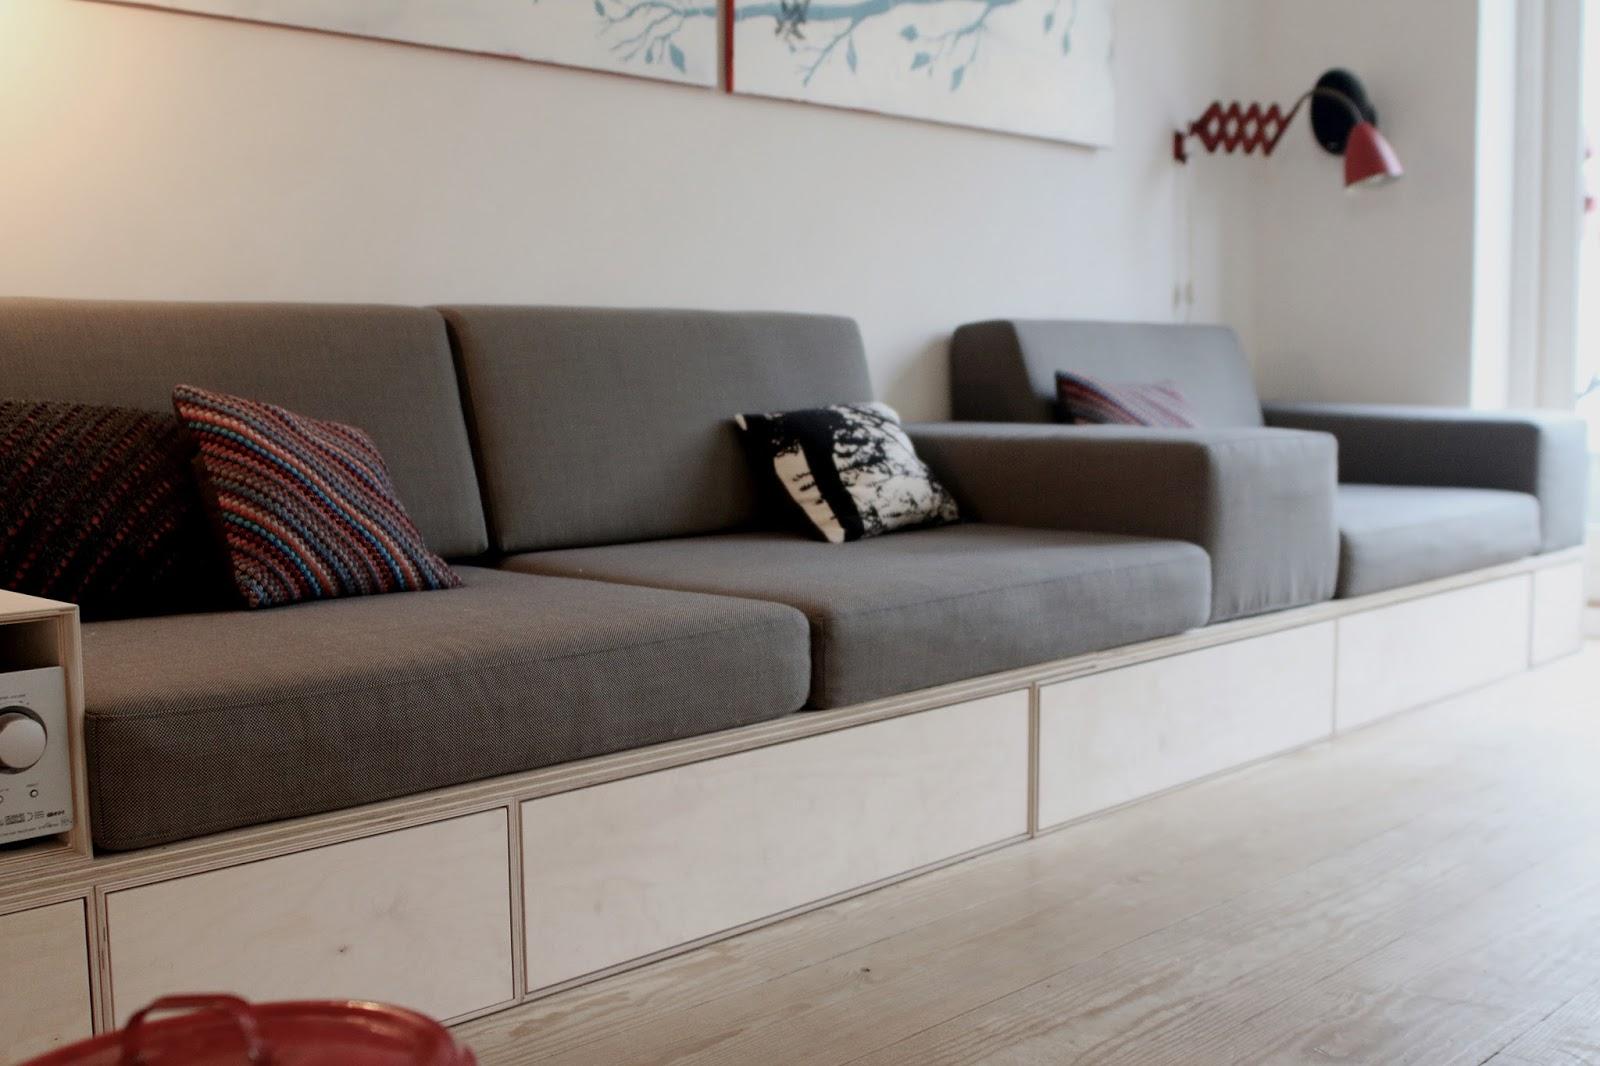 #623F38 Meget bedømt Er Det Tid Til En Ny Sofa? Skumhuset Gør Det Selv Ombetrækning Af Sofa 5839 160010665839